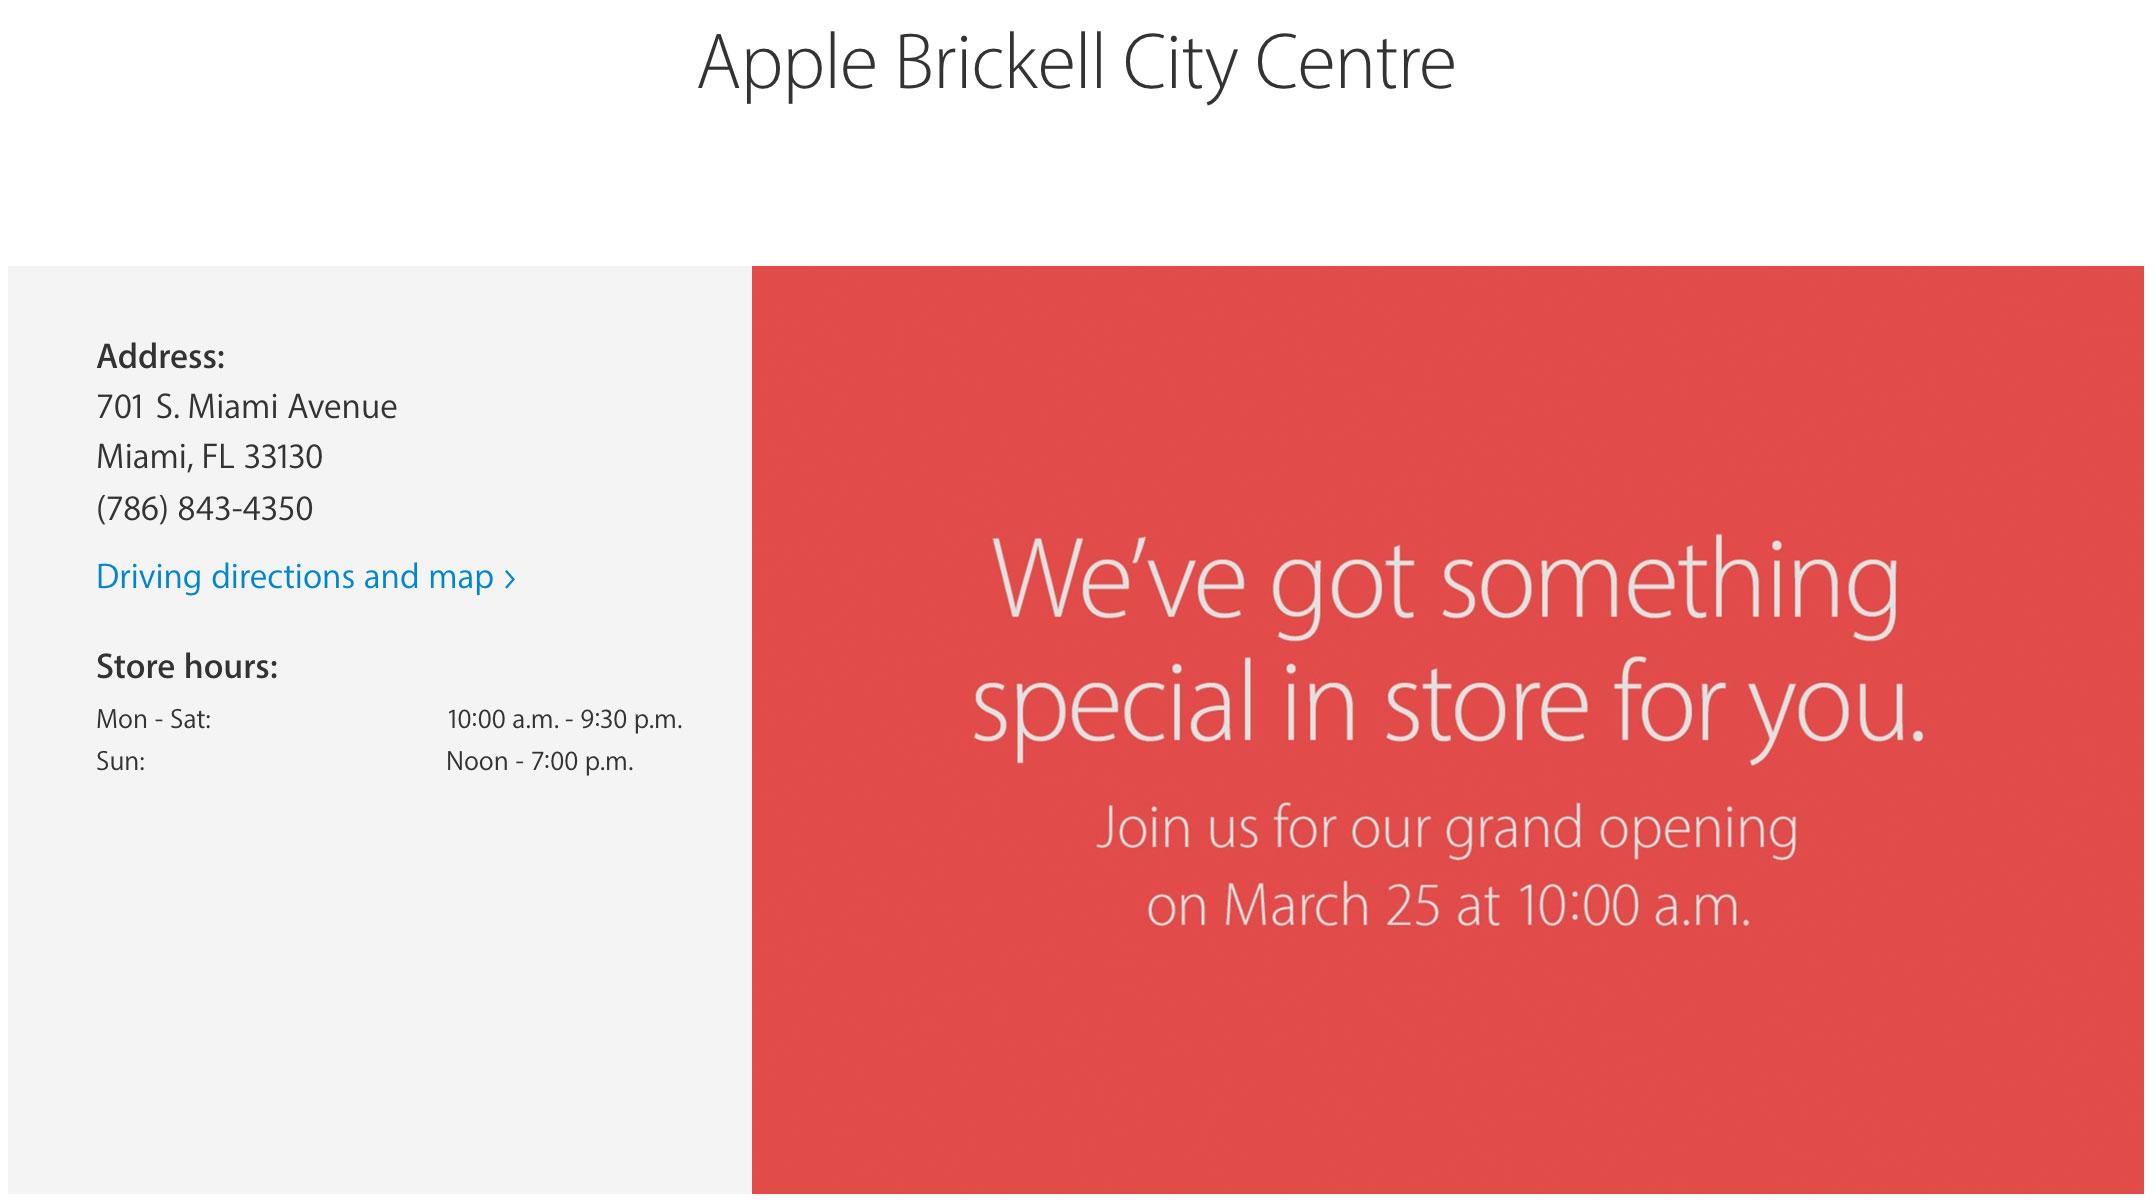 Inauguración de la Apple Brickell City Centre